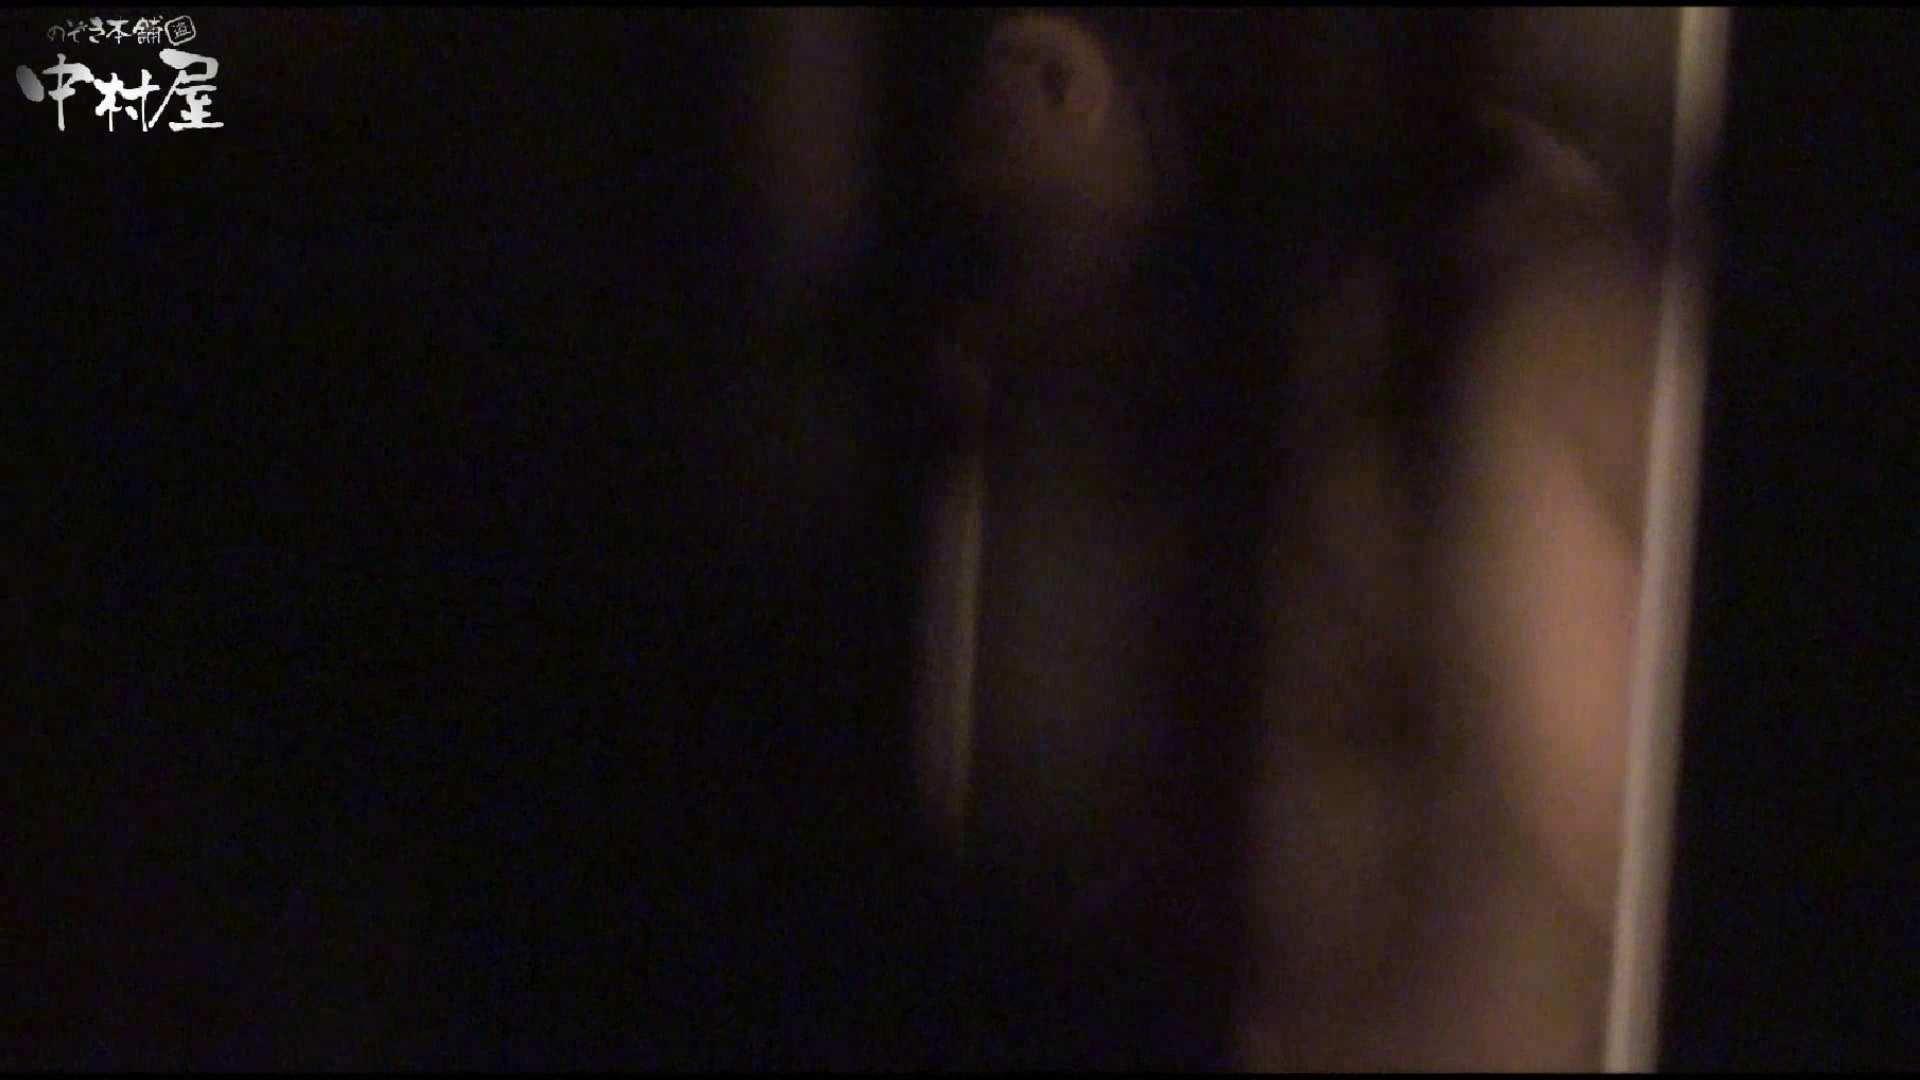 民家風呂専門盗撮師の超危険映像 vol.028 民家 | お色気美少女  54枚 31